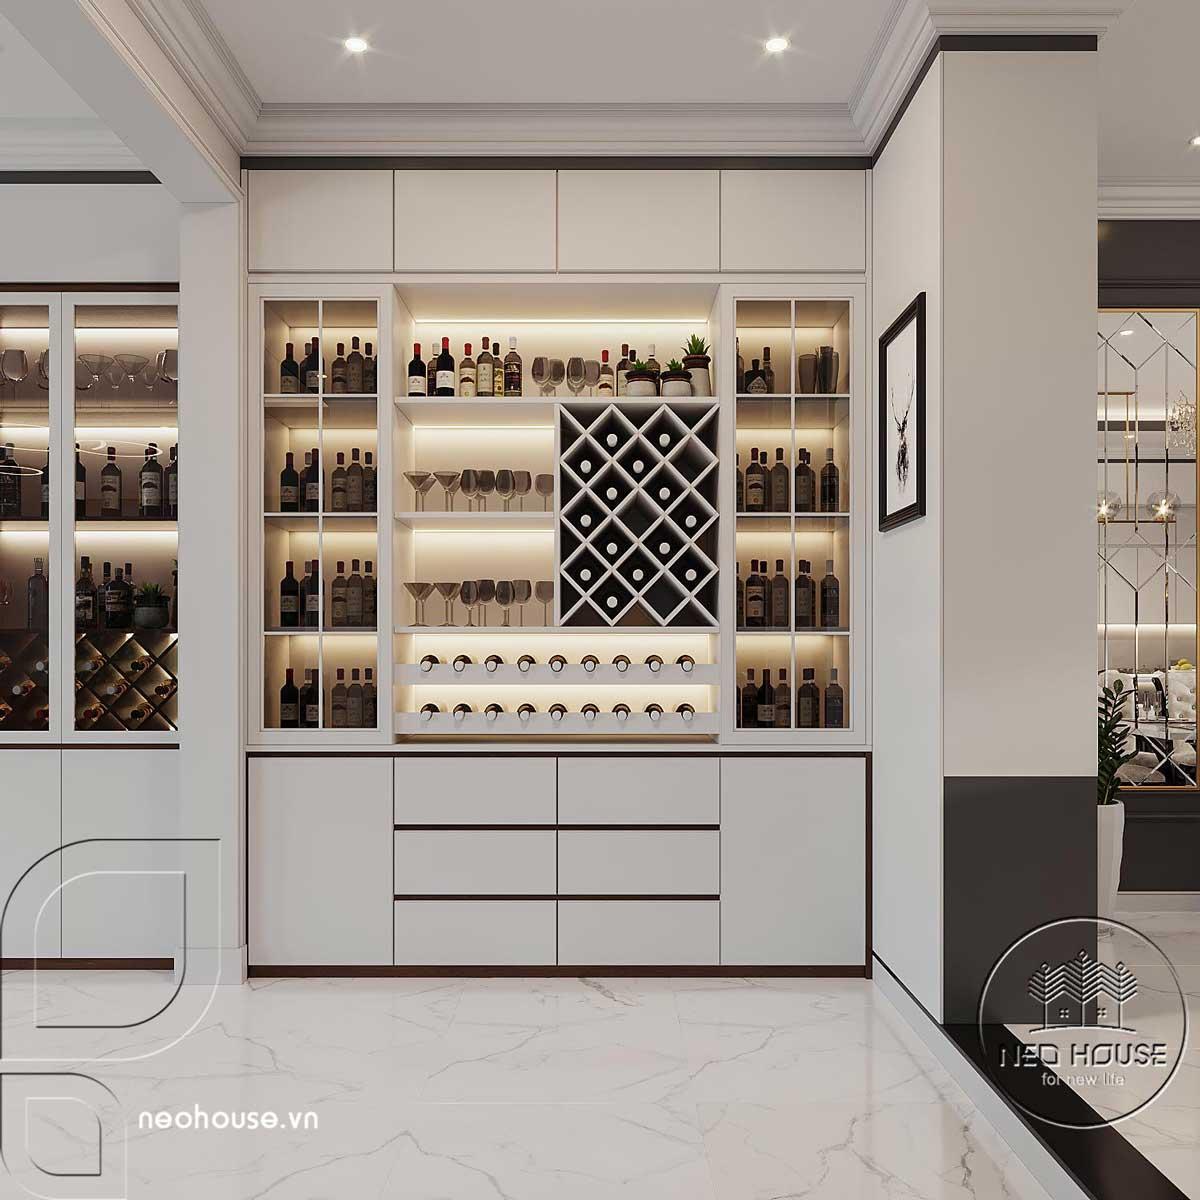 Mẫu nội thất tủ rượu biệt thự 4 tầng hiện đại